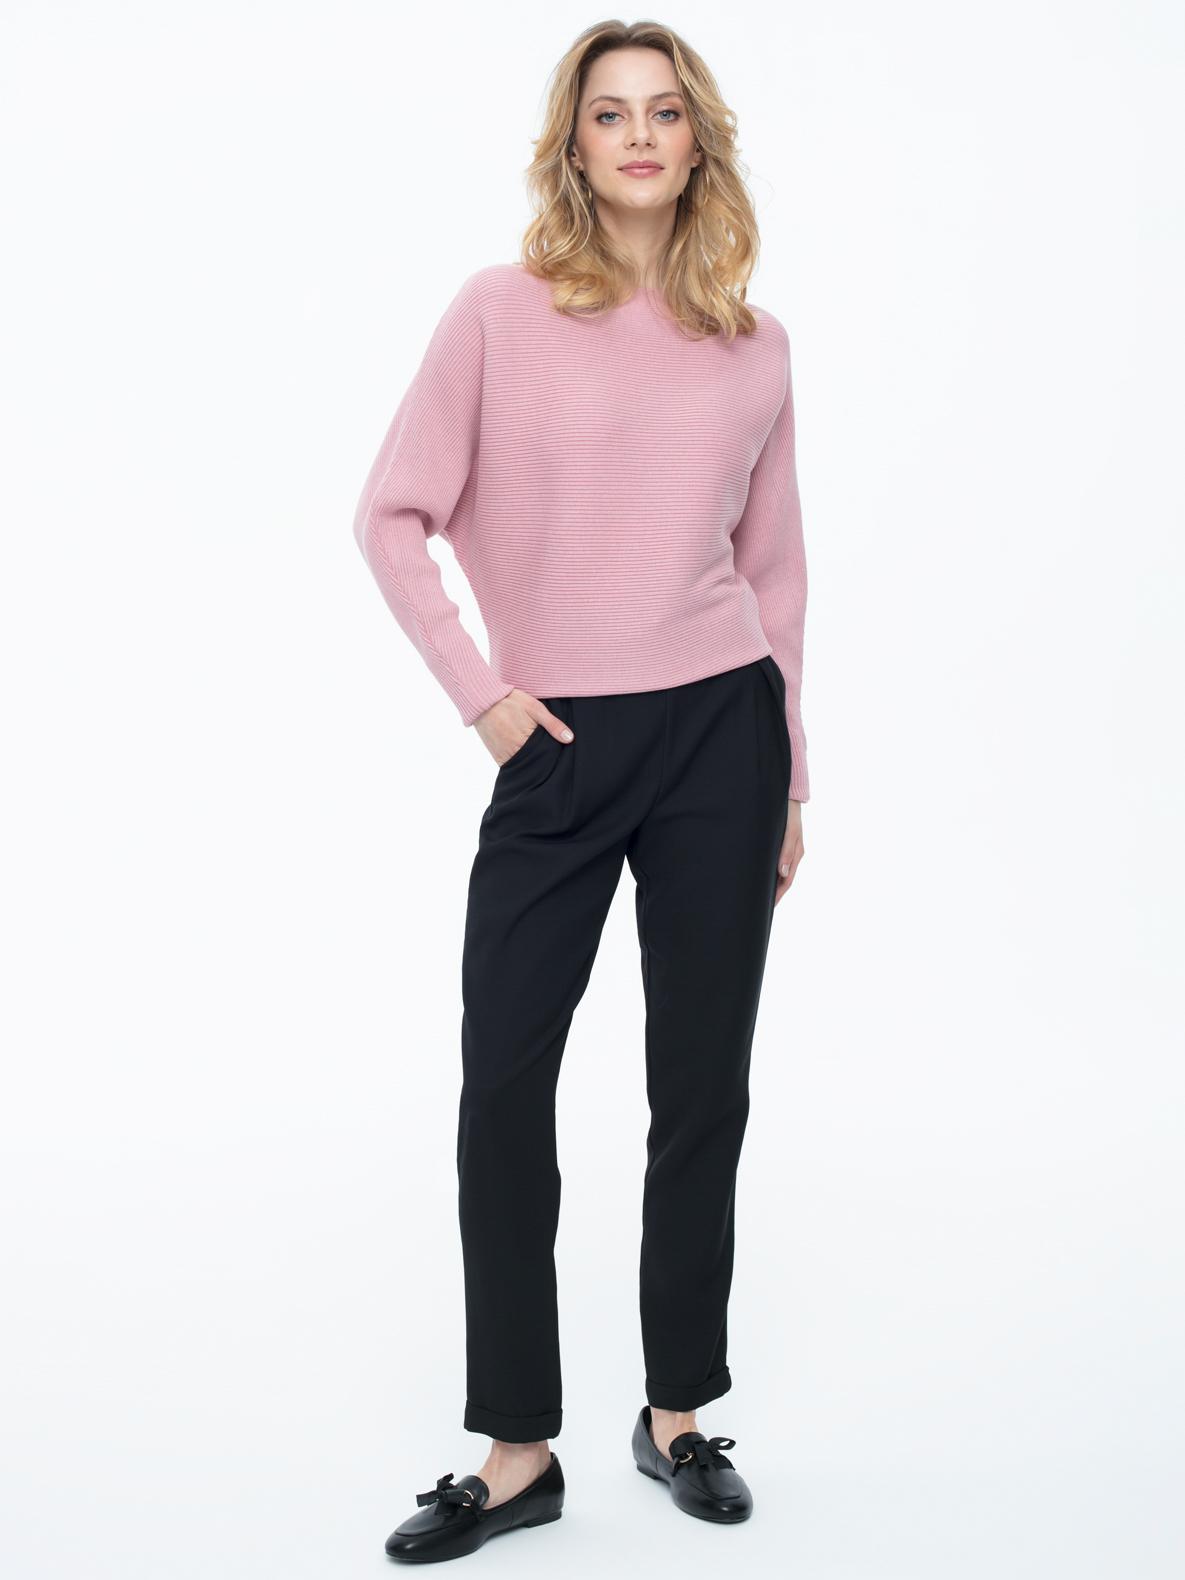 Sweater Klara pink